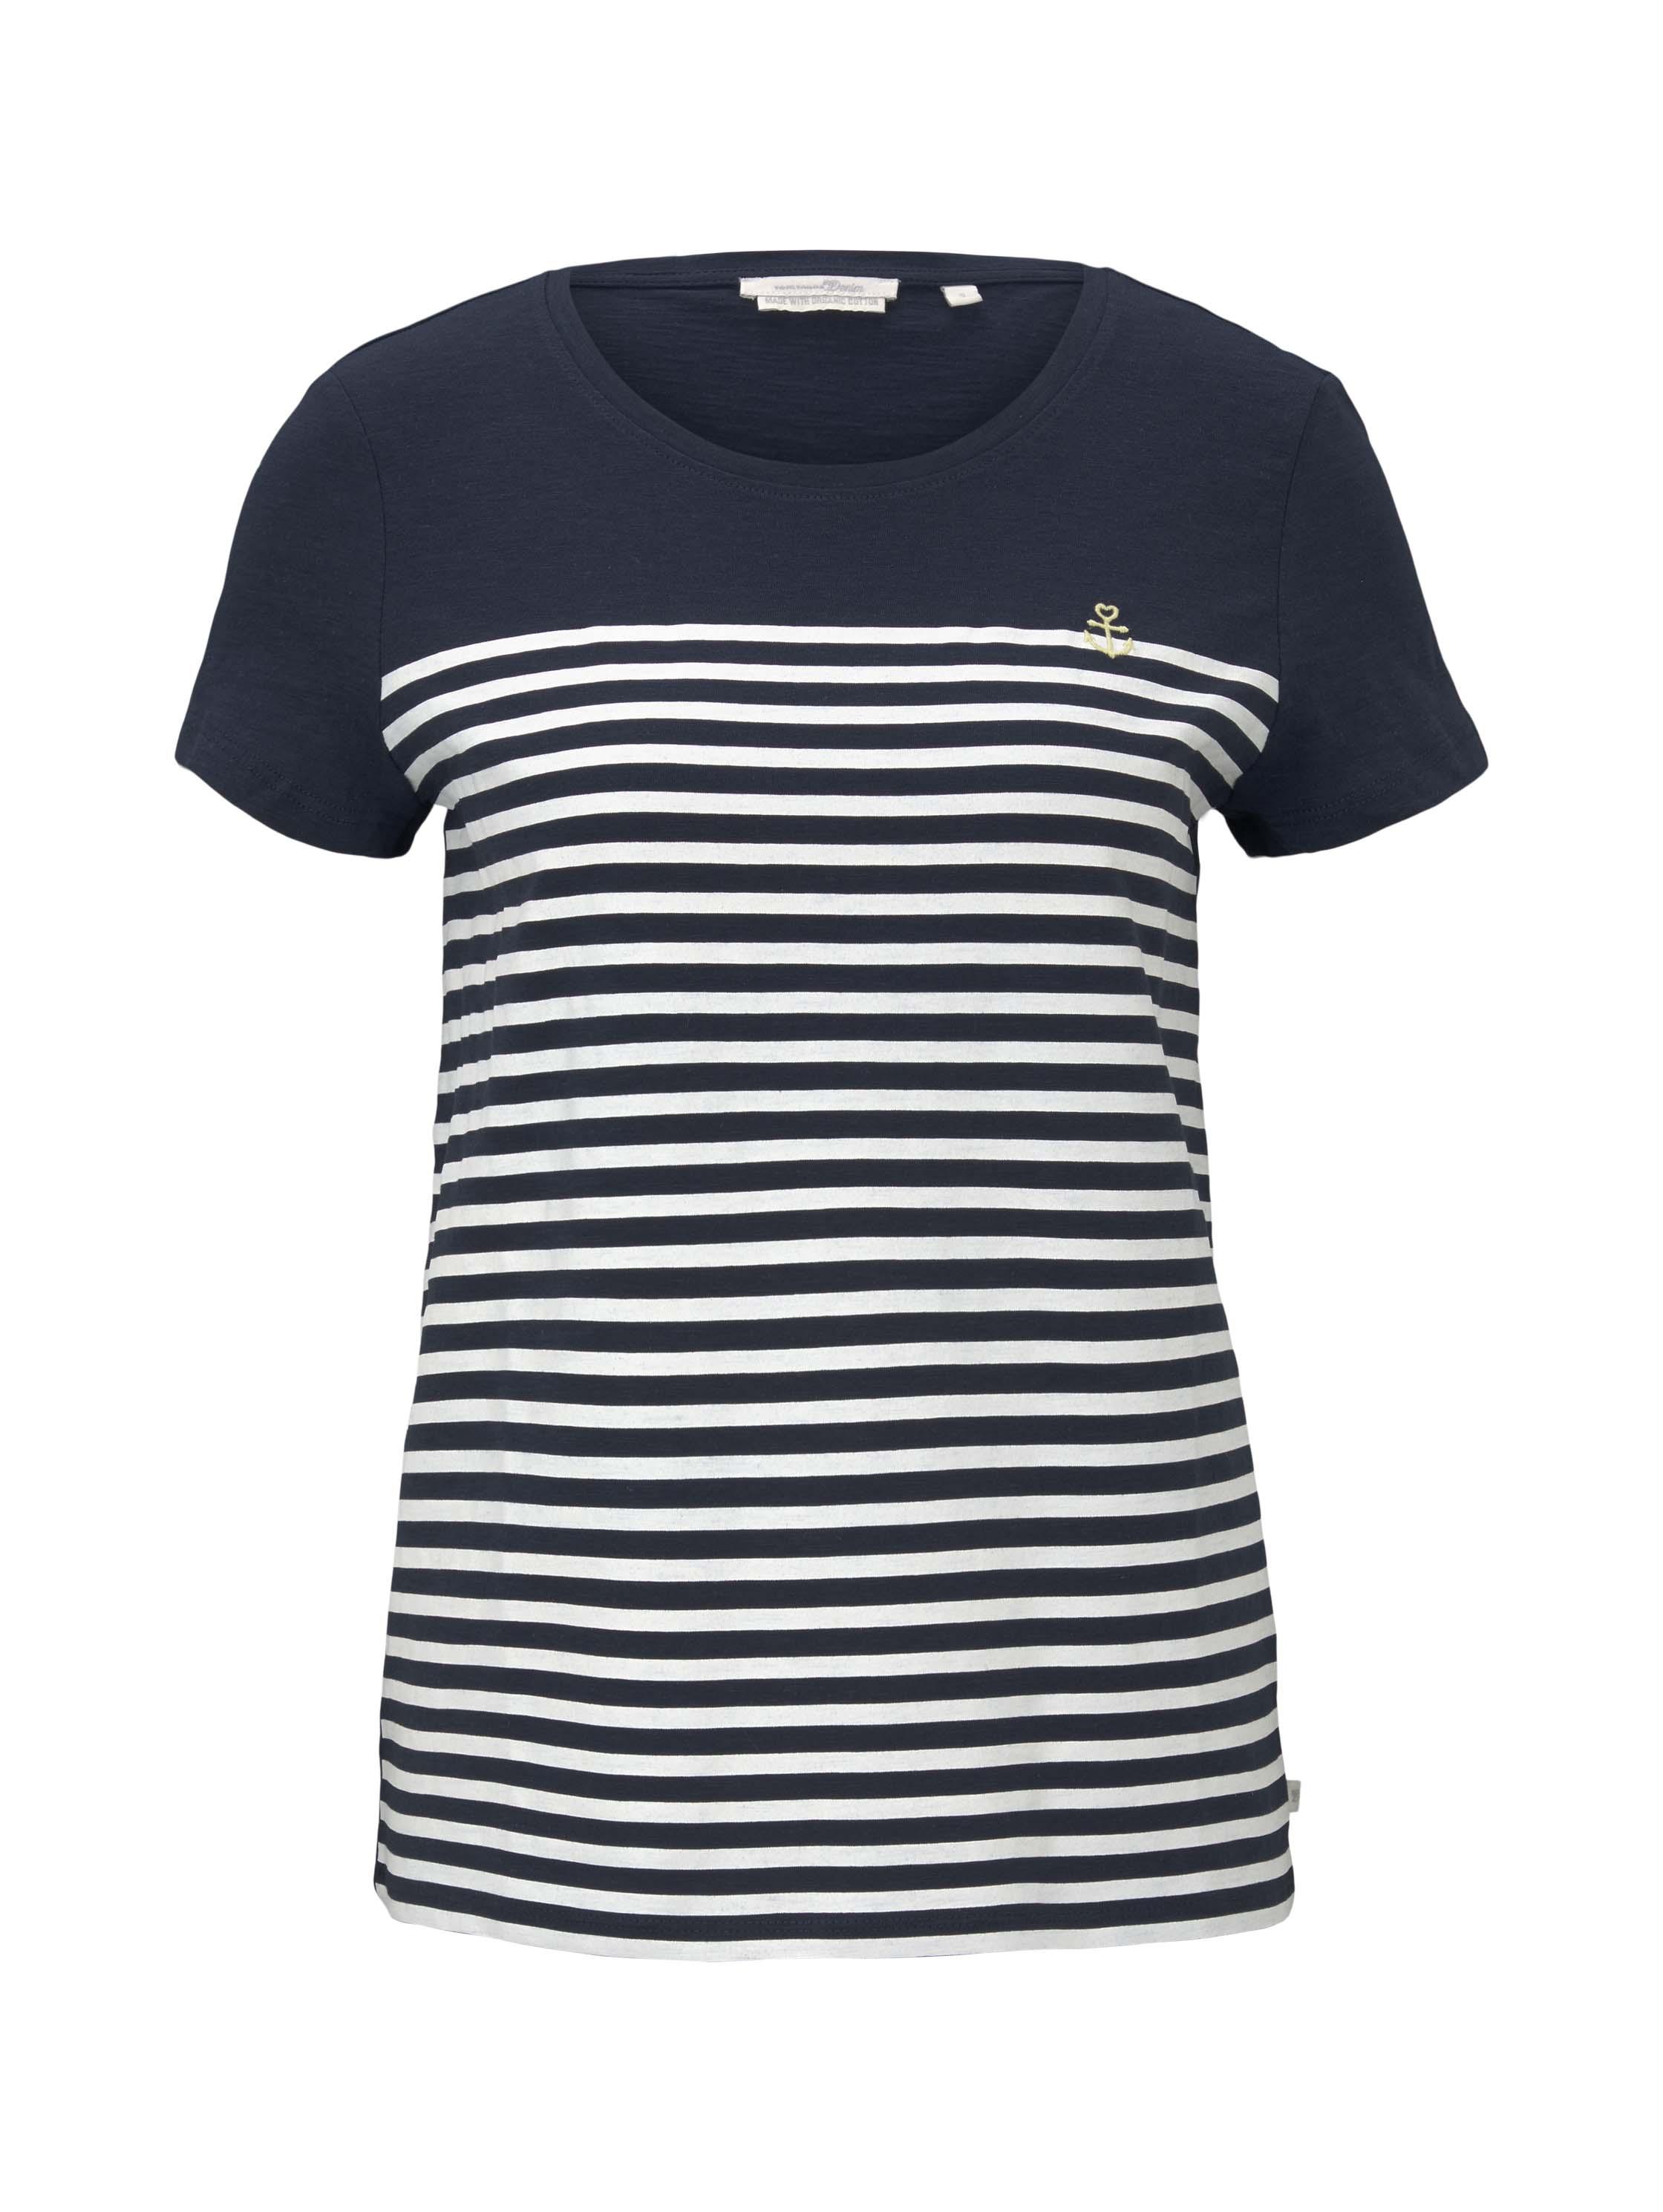 Tom Tailor Denim Shirt Embro navy